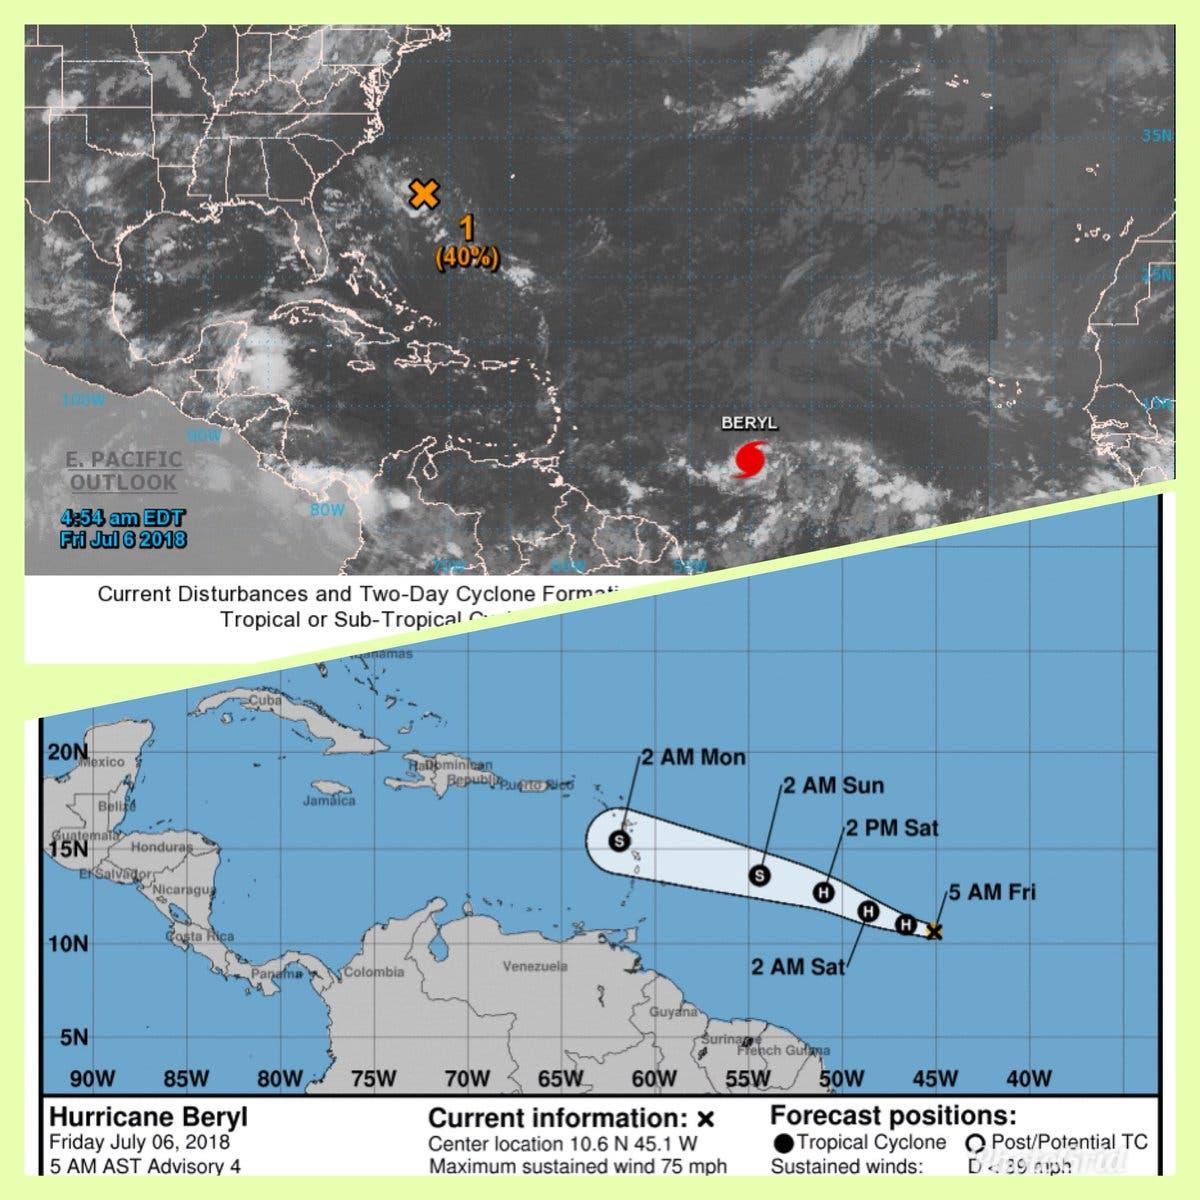 Beryl, el primer huracán del Atlántico va rumbo a Antillas Menores